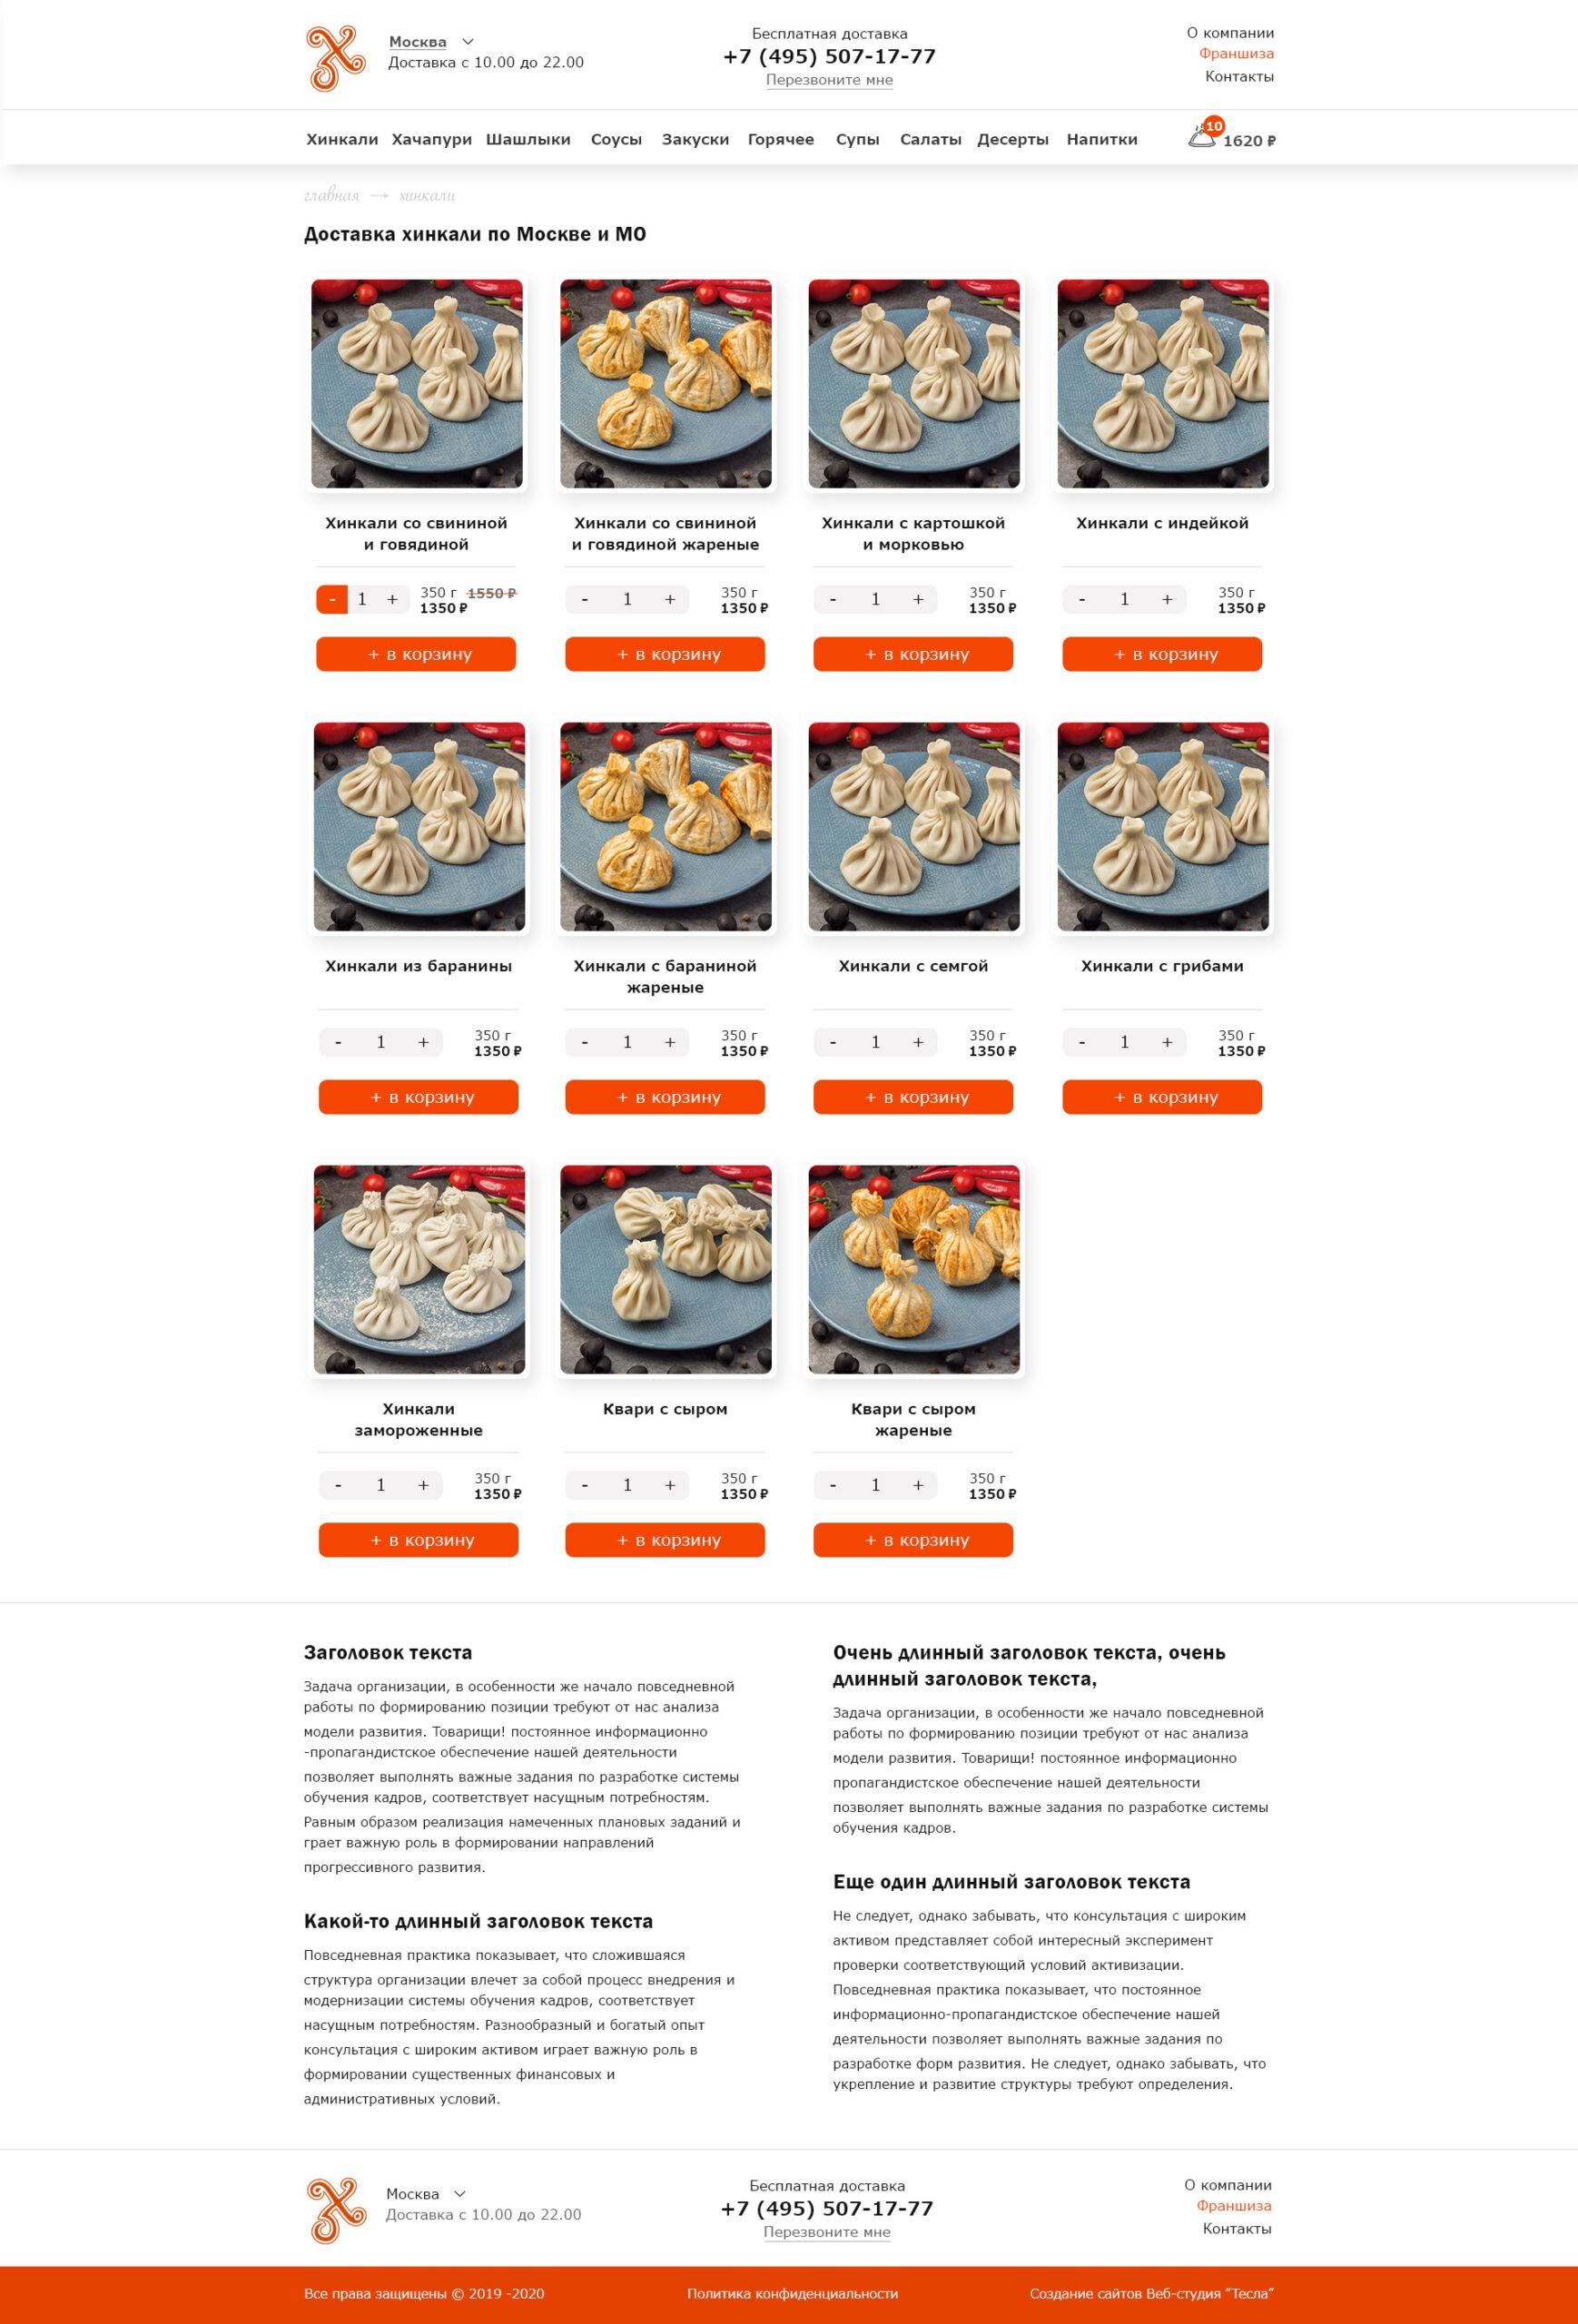 Дизайн сайта Хинкальная №1 категория